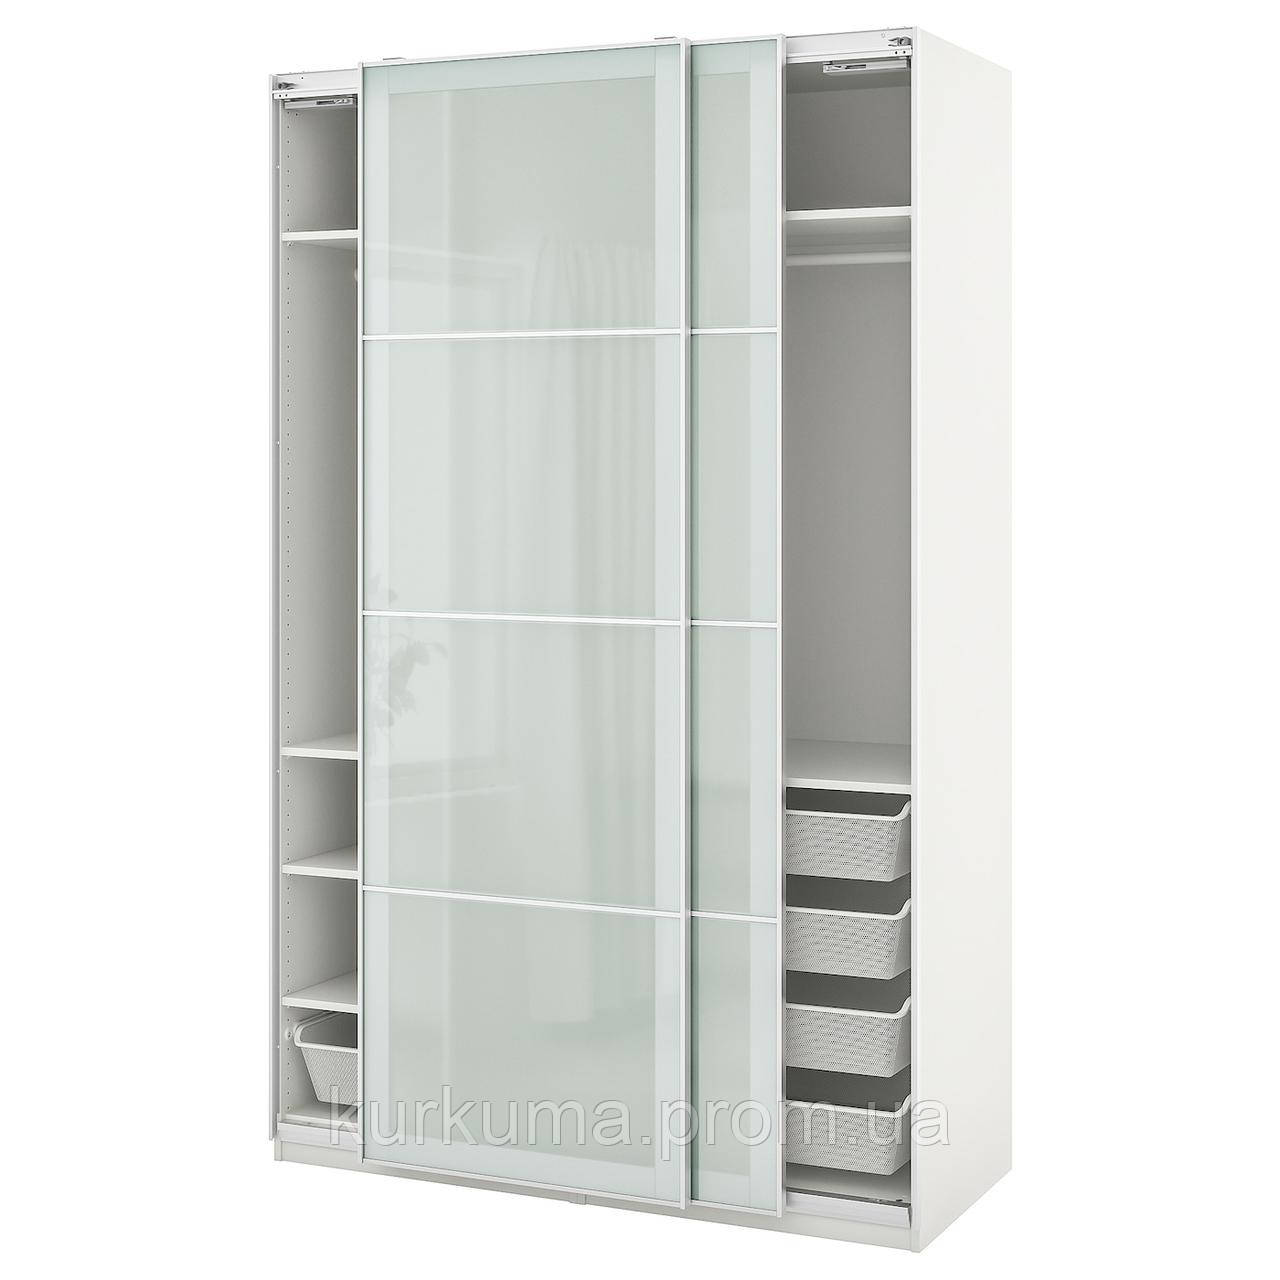 IKEA PAX / SEKKEN Шкаф, белое, матовое стекло, 150x66x236 cm (793.301.92)